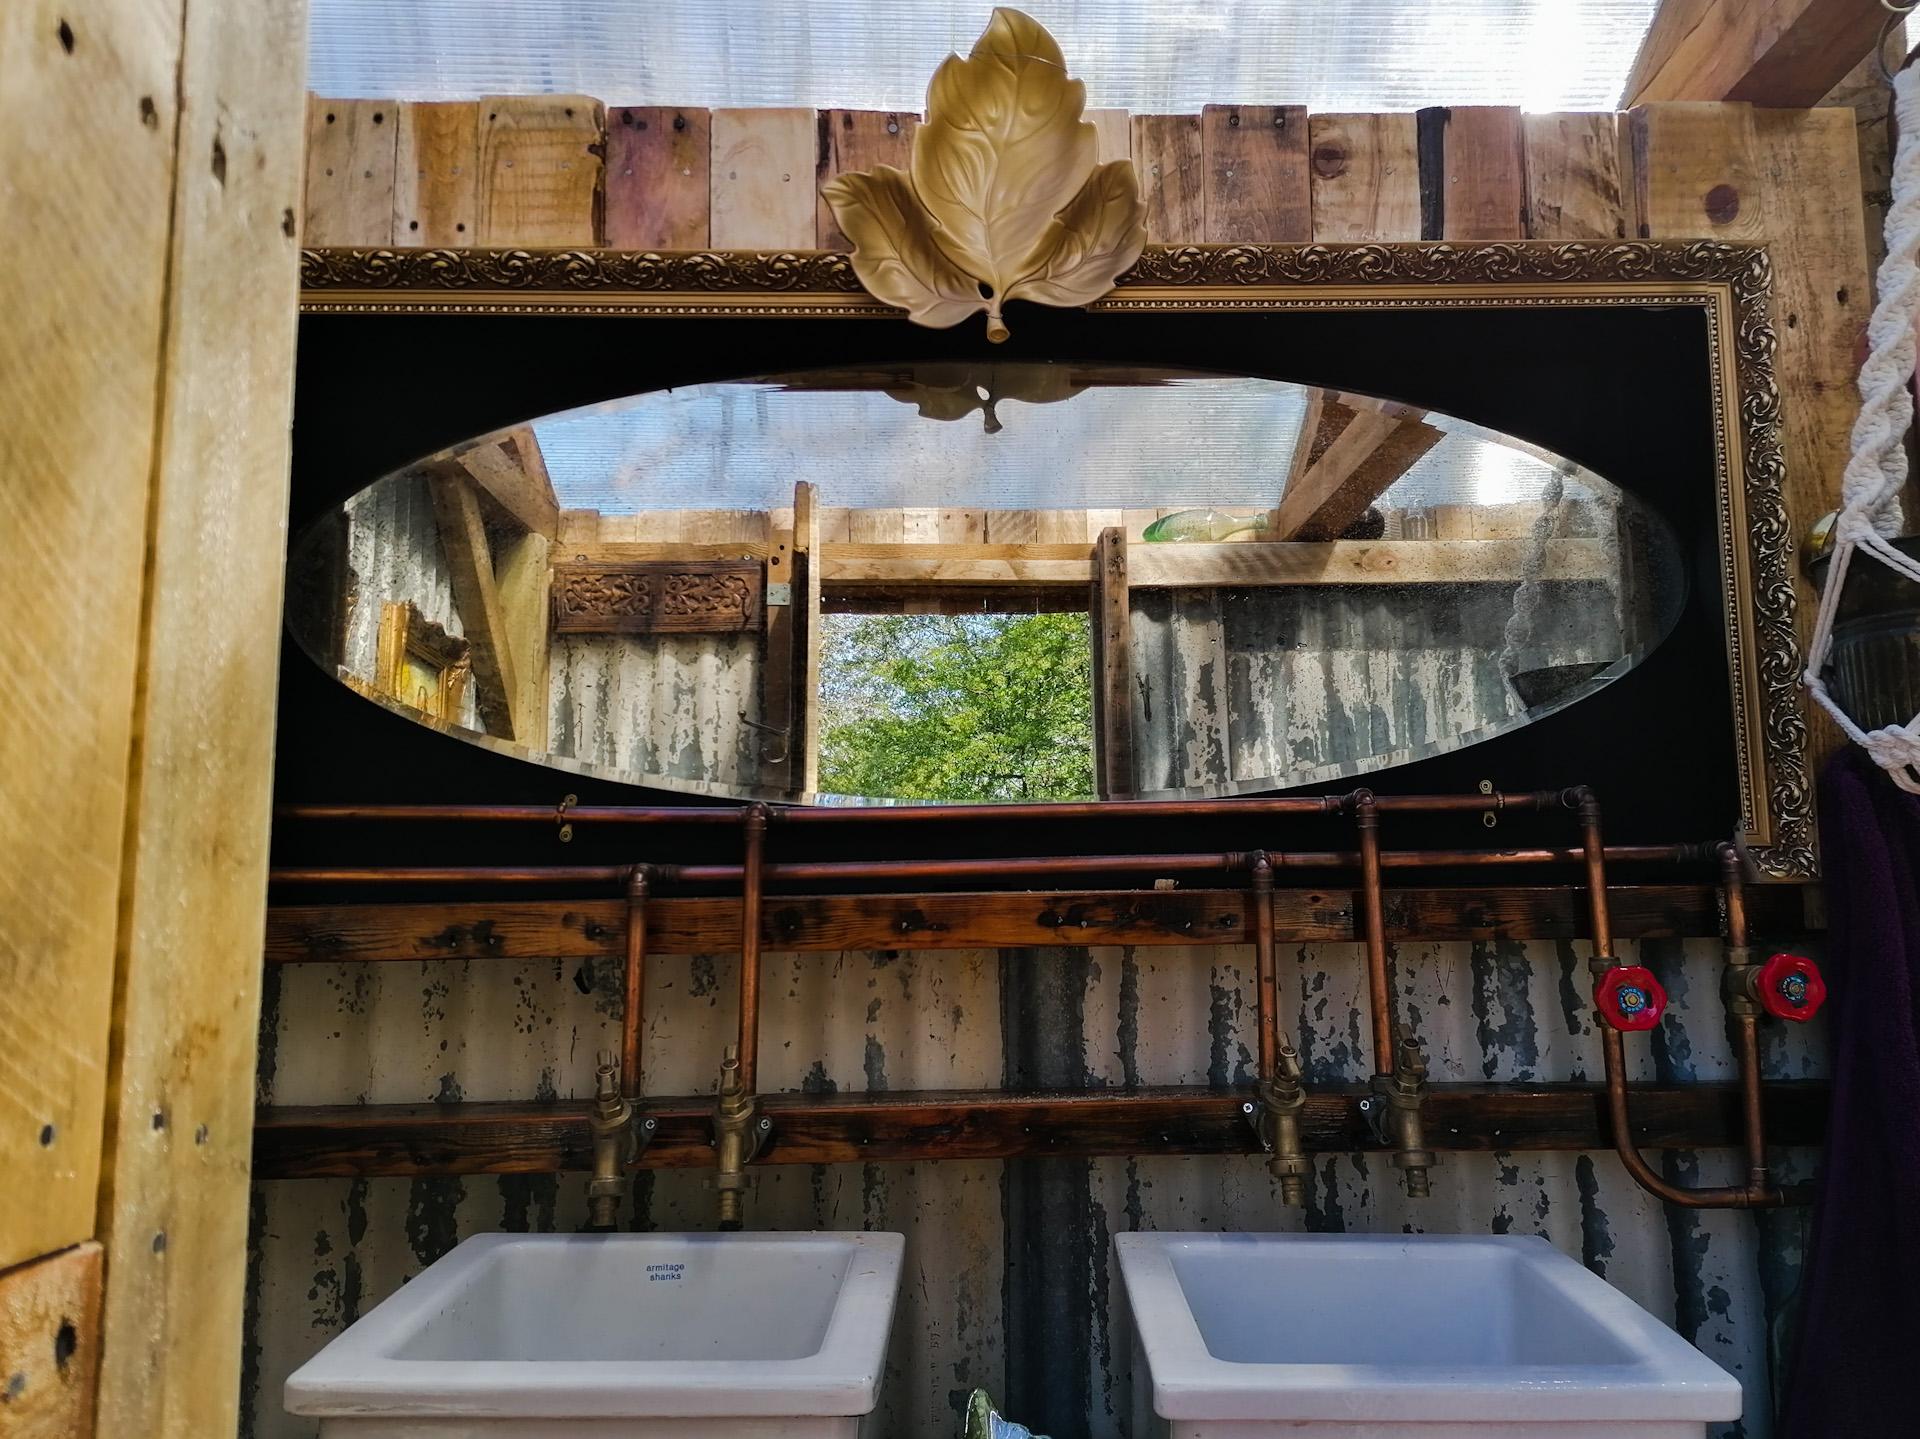 Double sinks in the Wild Woods bathroom